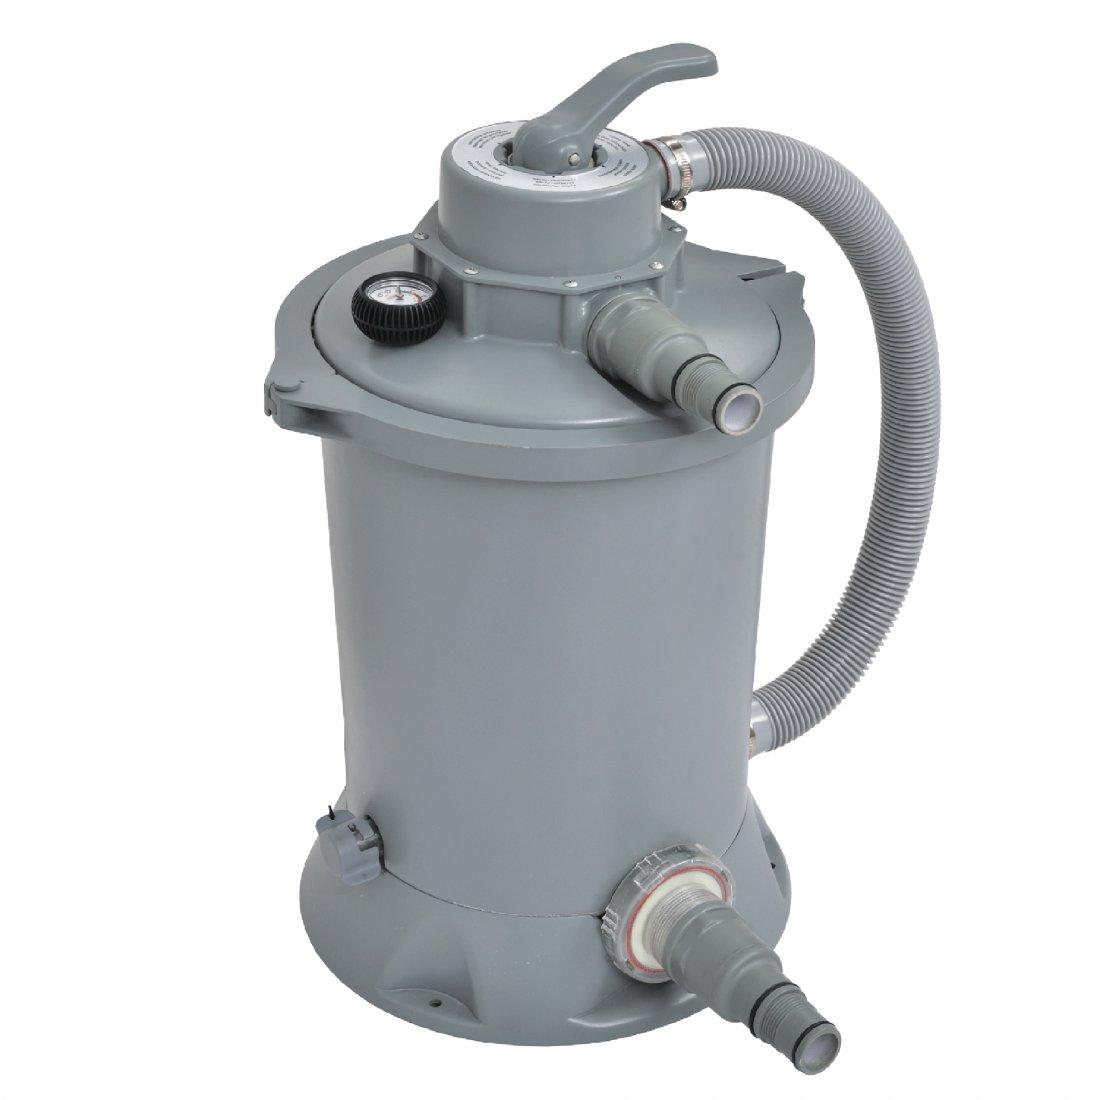 Buy jilong sand filter pump 800 pool sand filter pump - Filter fur poolpumpe ...